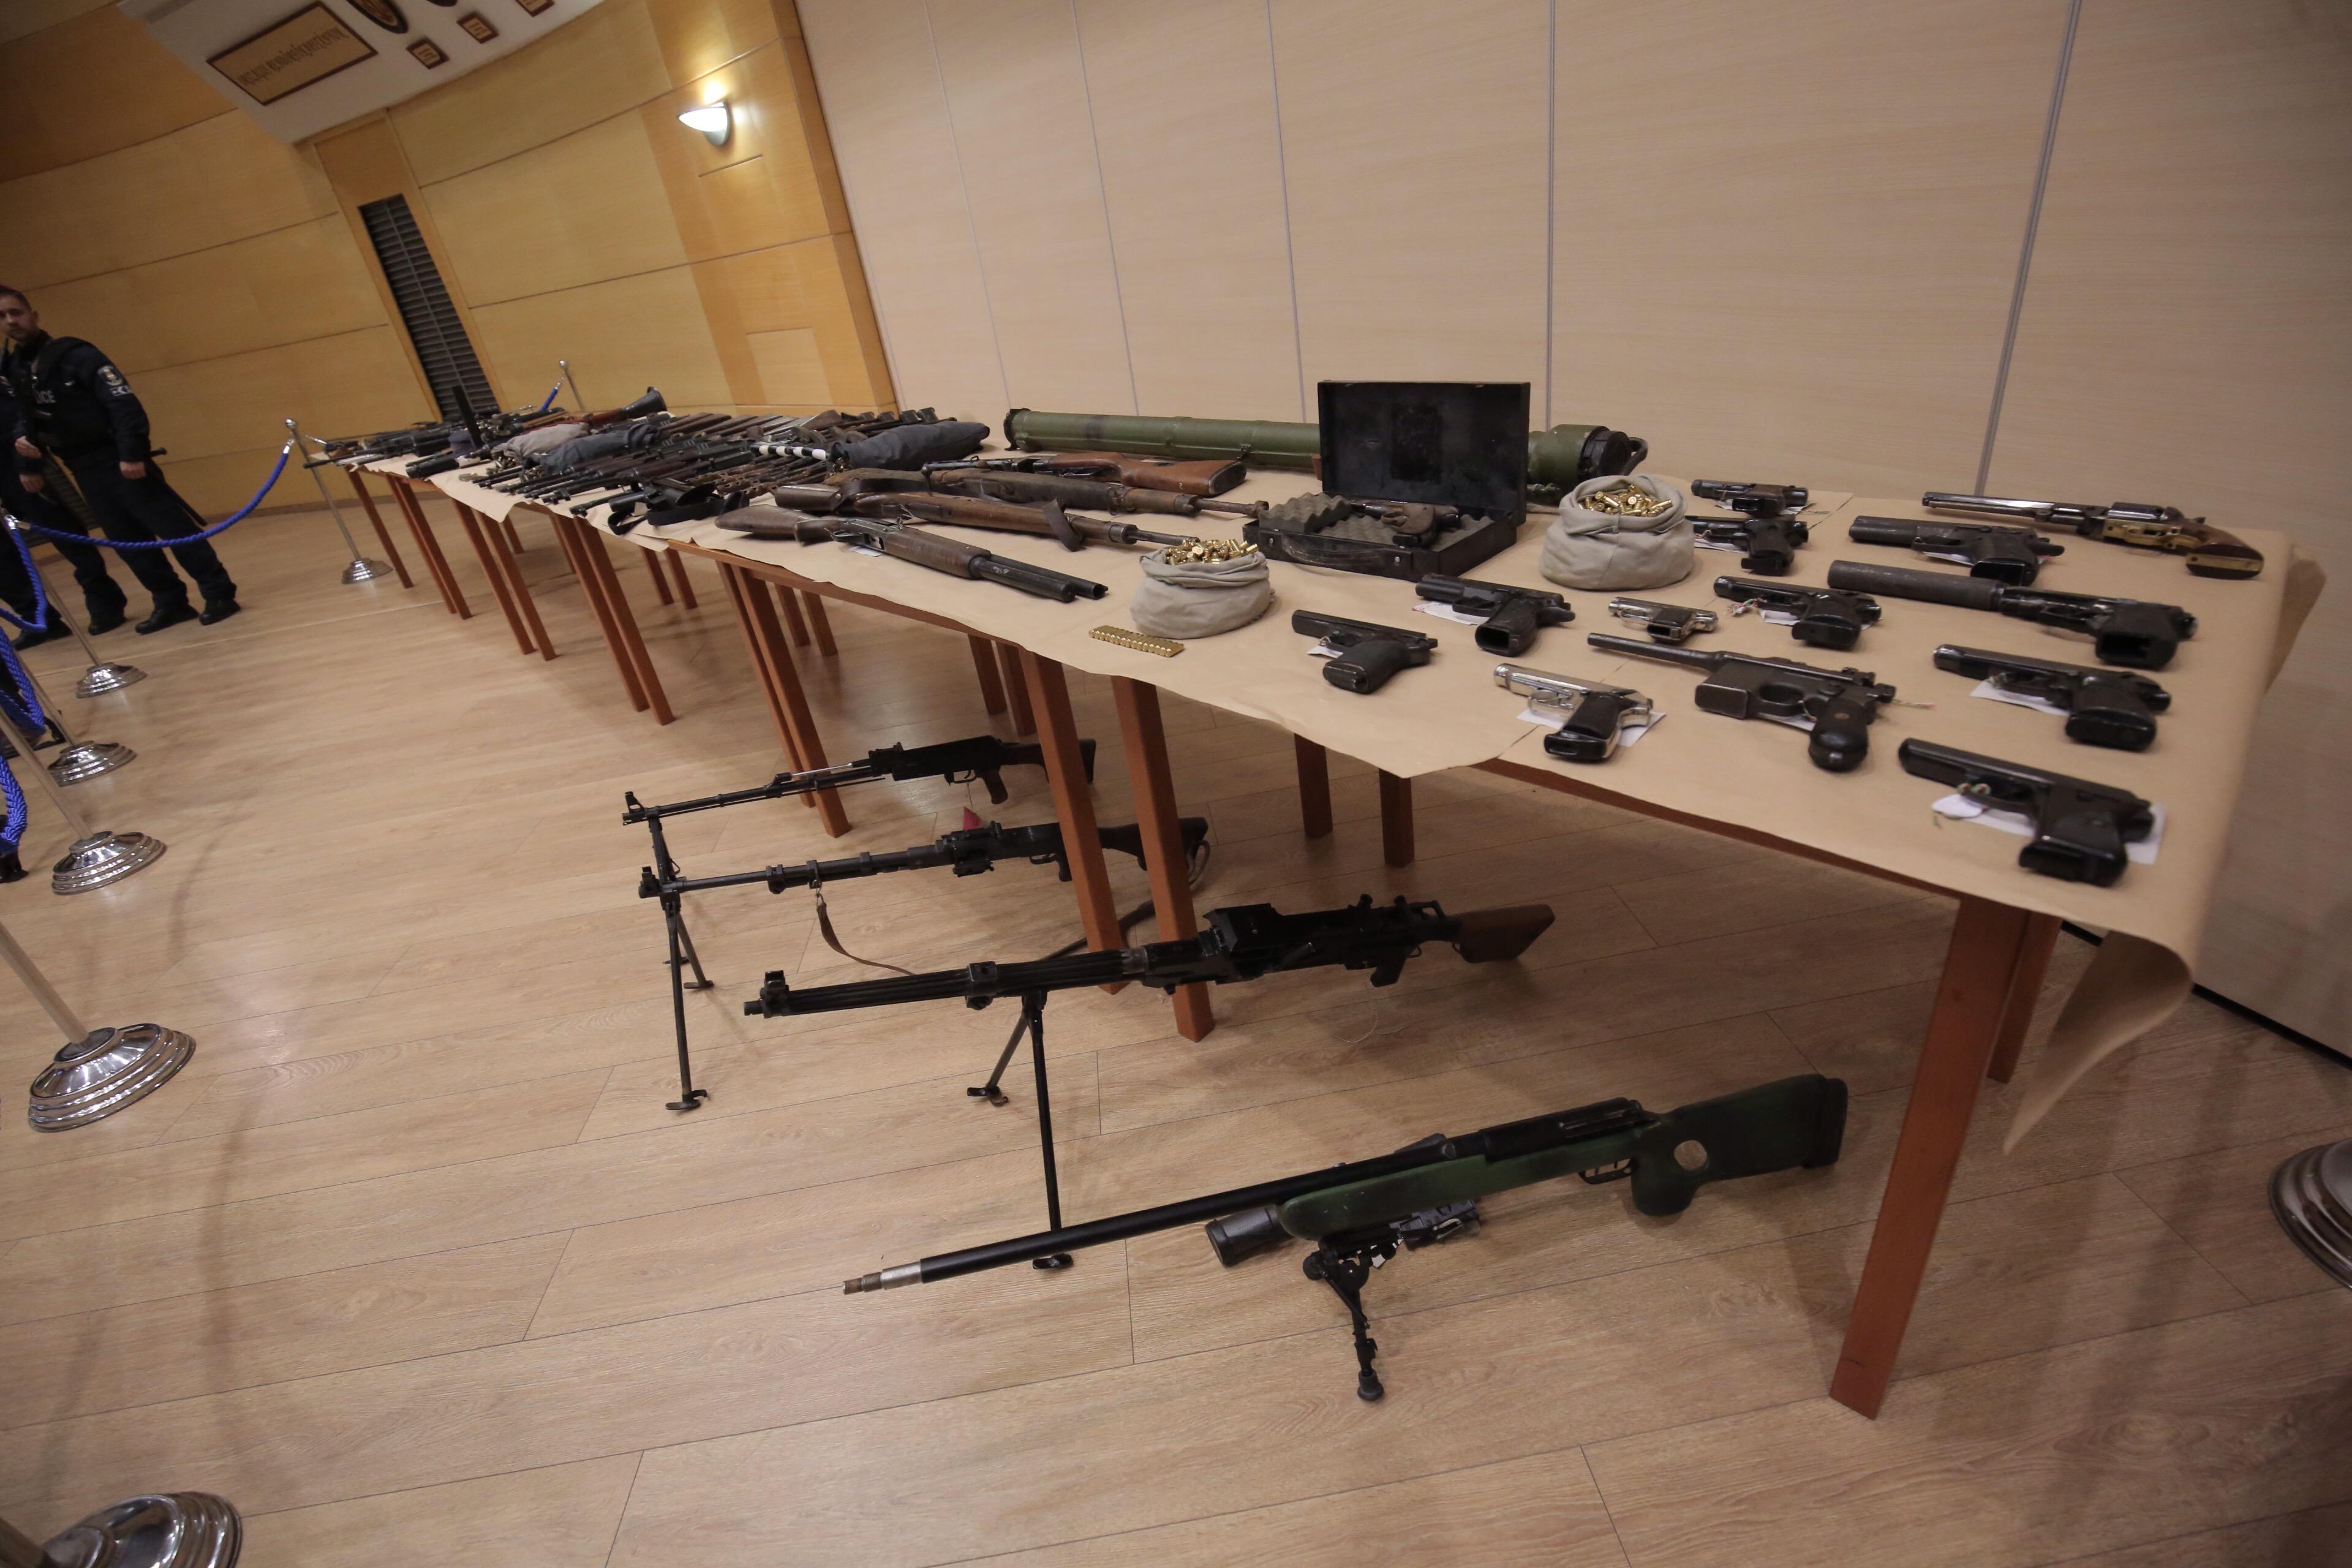 Több mint száz fegyvert találtak a rendőrök a Magyar Nemzeti Arcvonal tagjainál